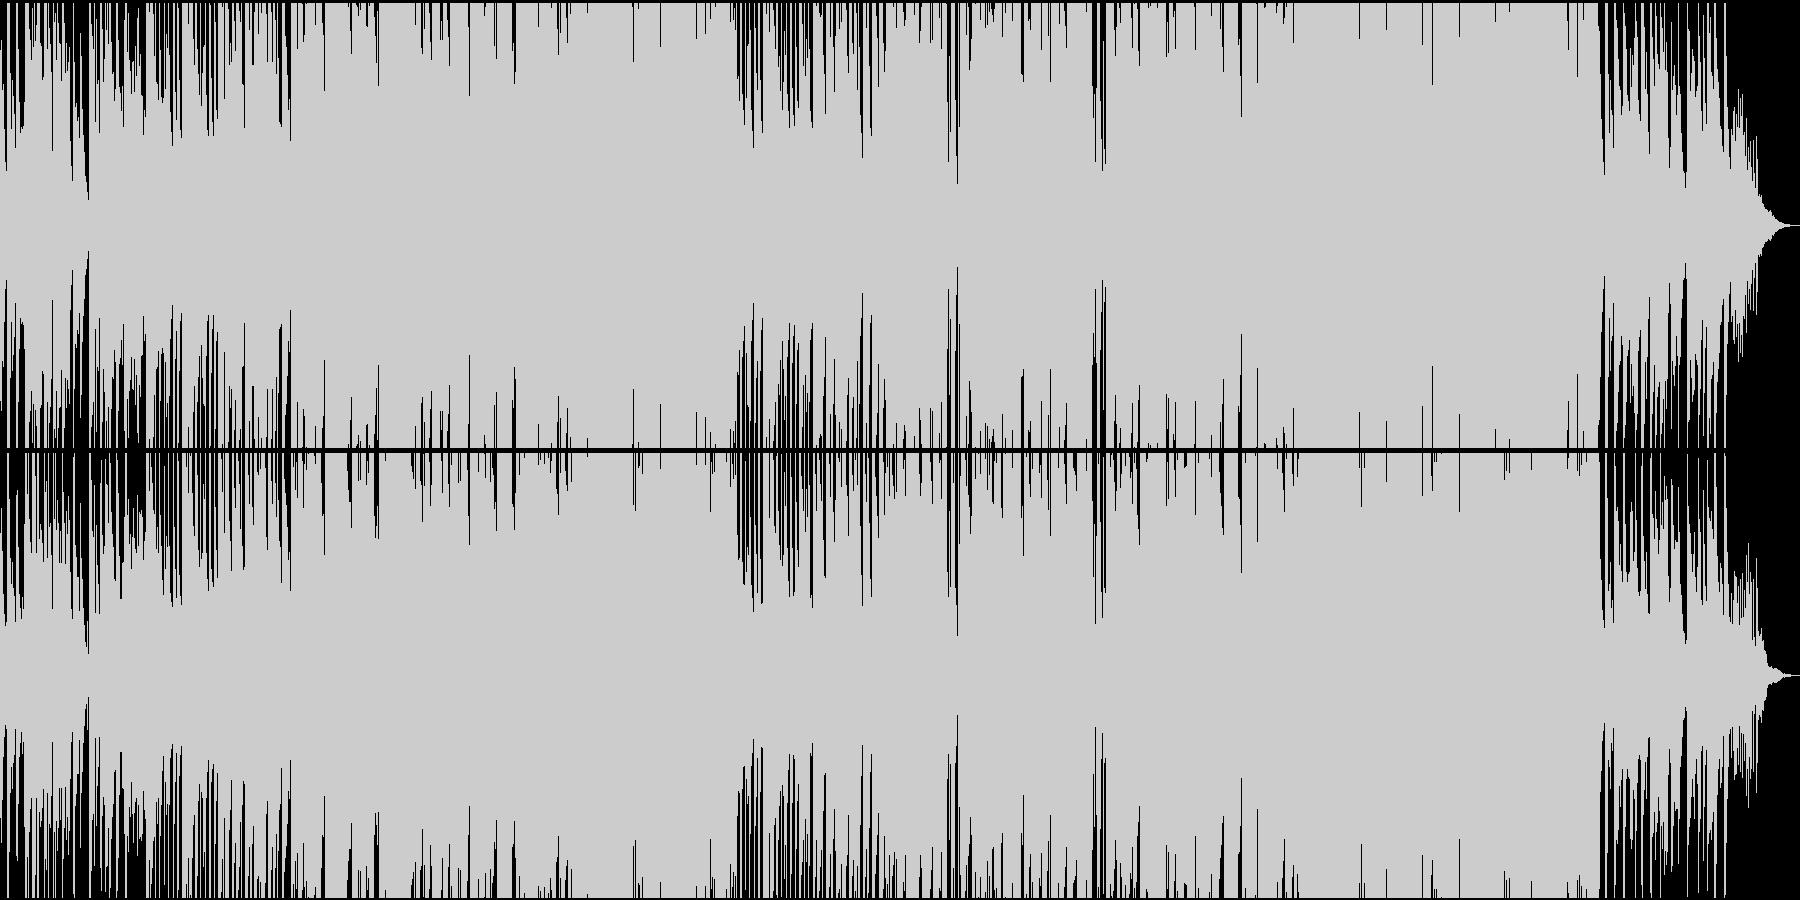 アコースティックな静かなラウンジ曲の未再生の波形